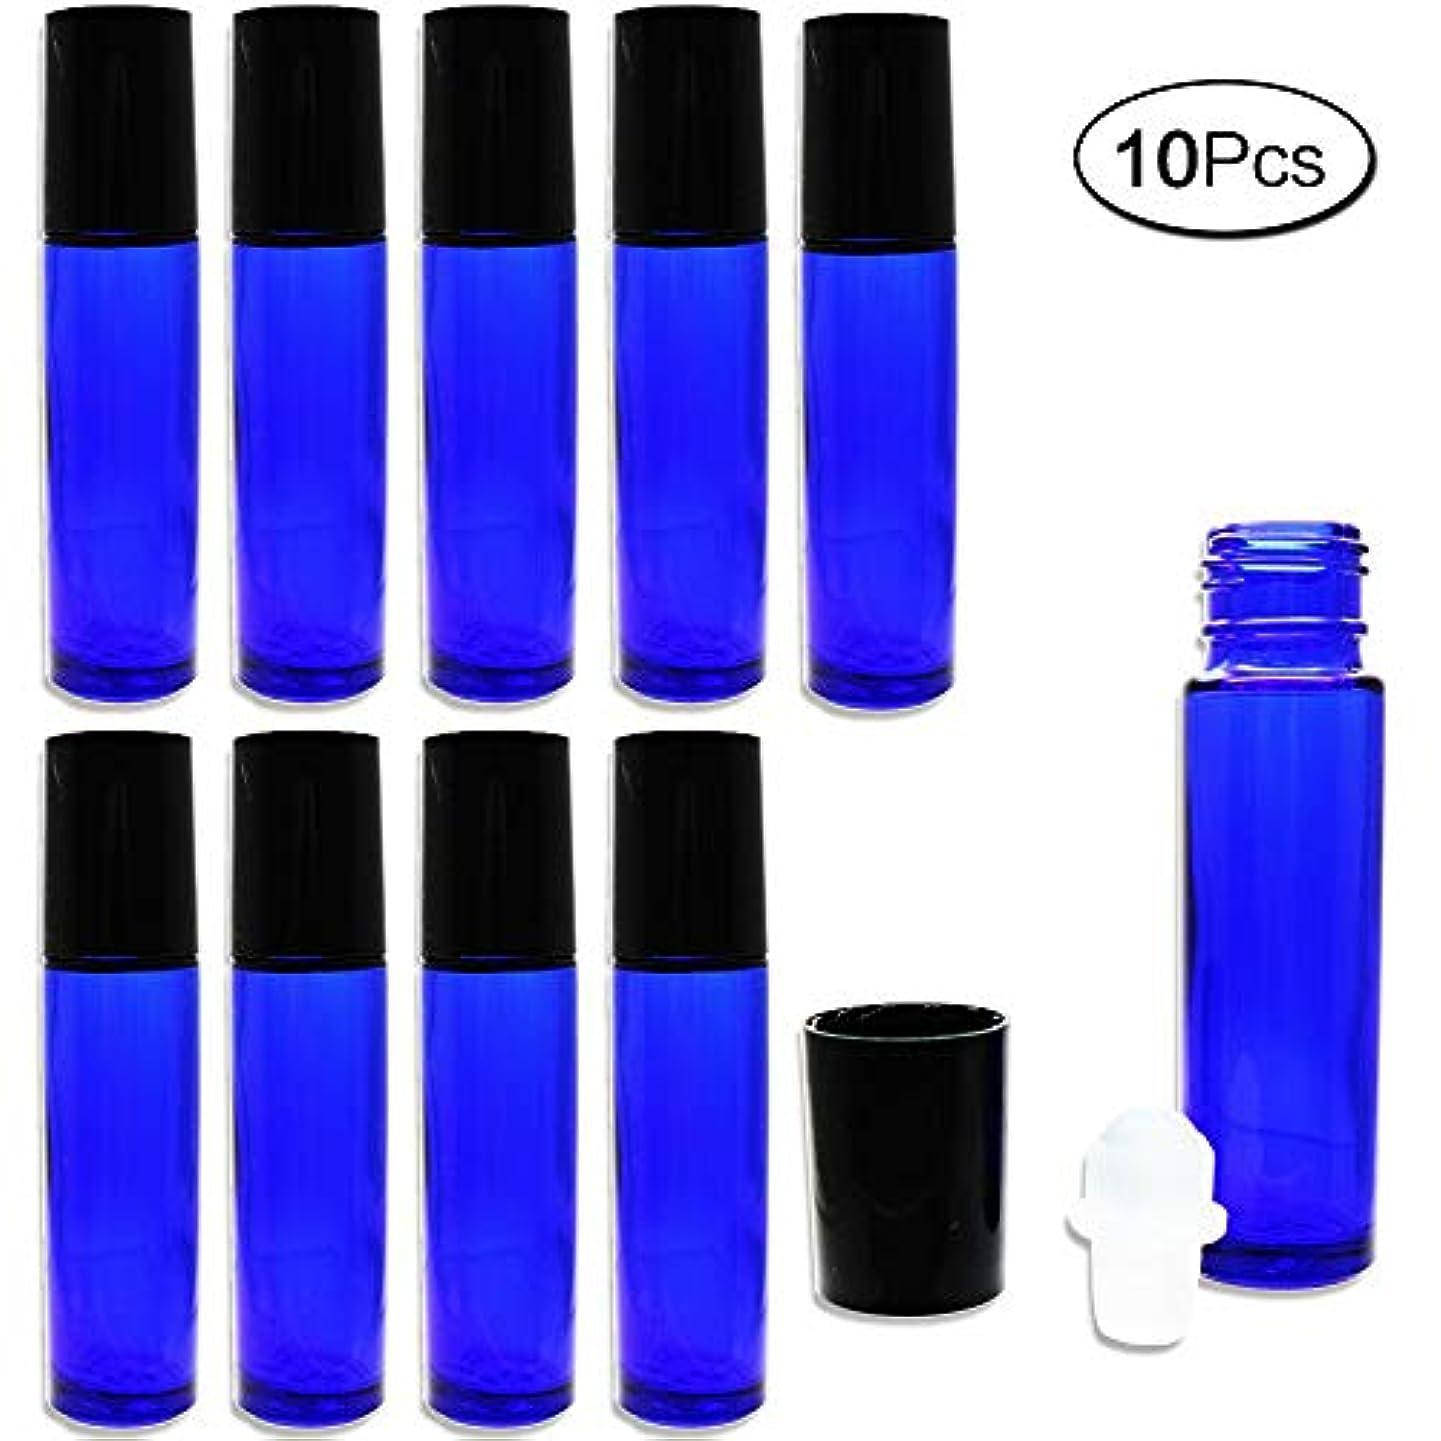 コンドーム感染する恥ずかしさ10ml ロールオンボトル アロマオイル ガラスロール 詰め替え 遮光瓶 10本セット